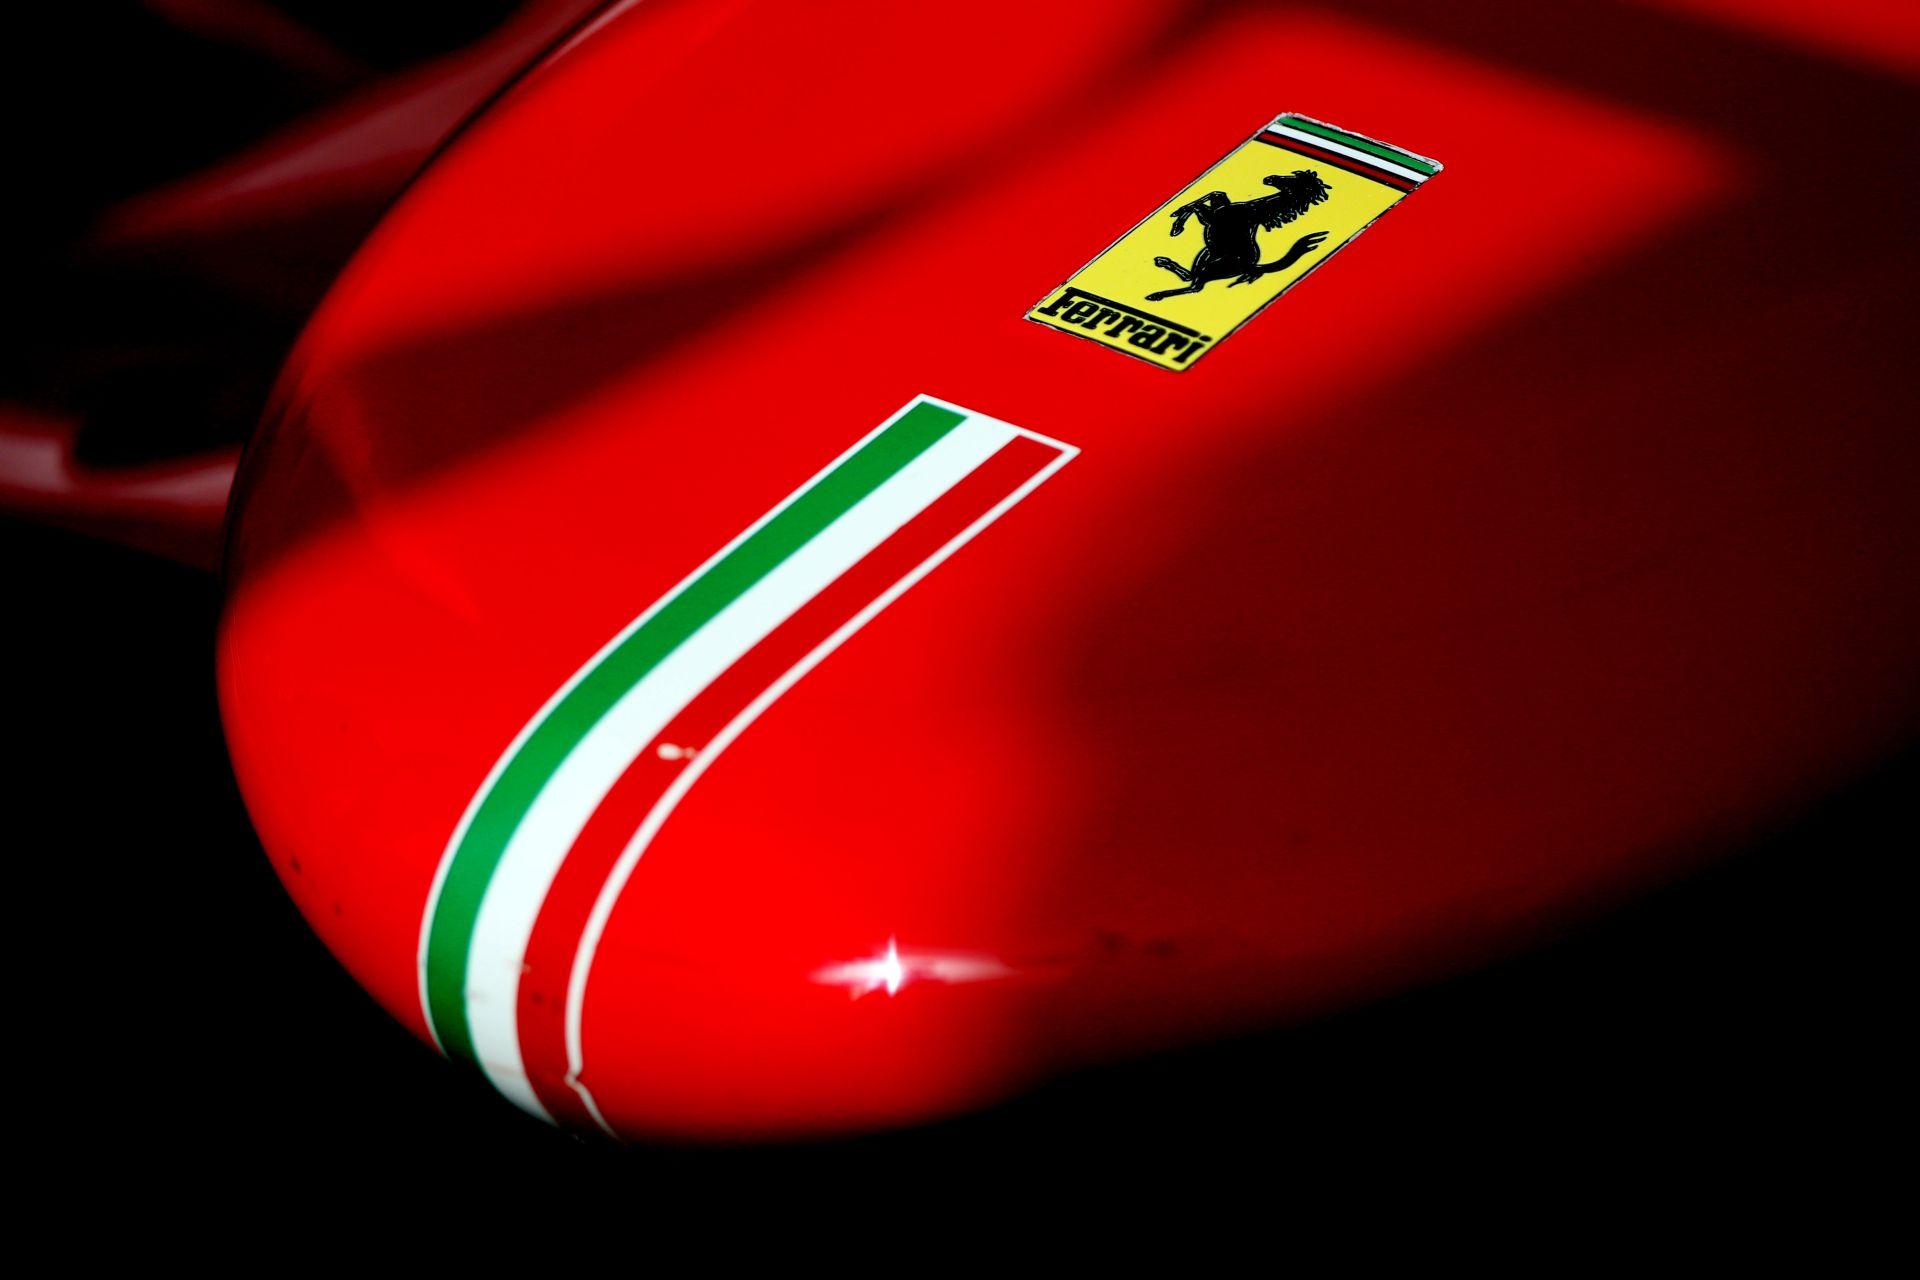 Ferrari: Nem a szánkat jártatjuk, hanem dolgozunk!